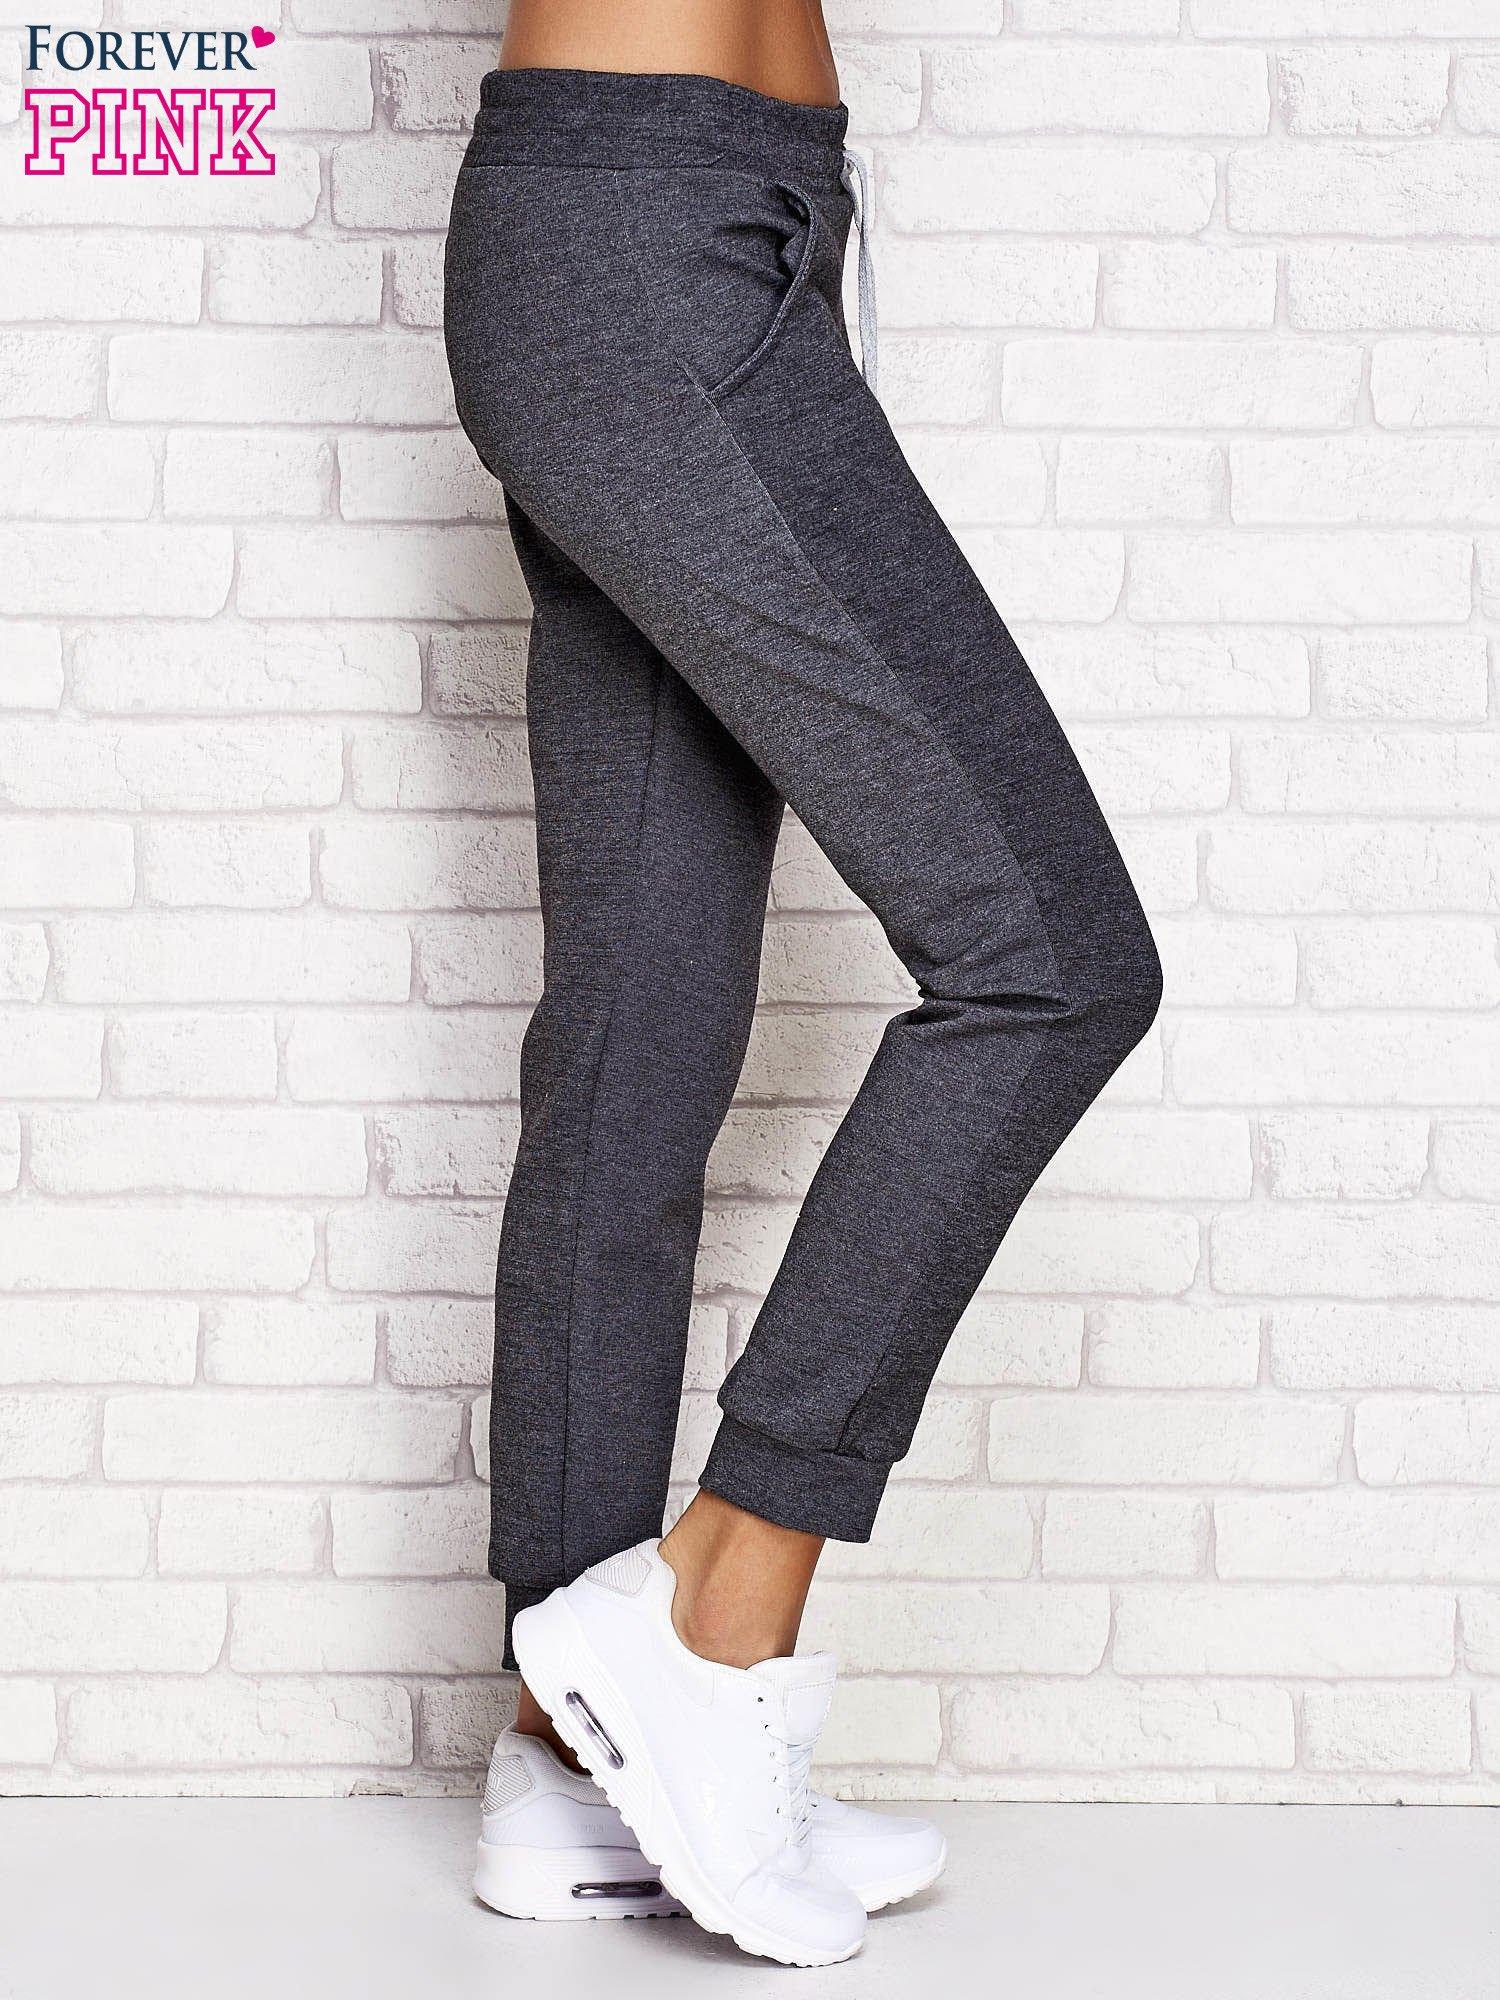 88c3e0ad Ciemnoszare spodnie dresowe z napisem BE FAST